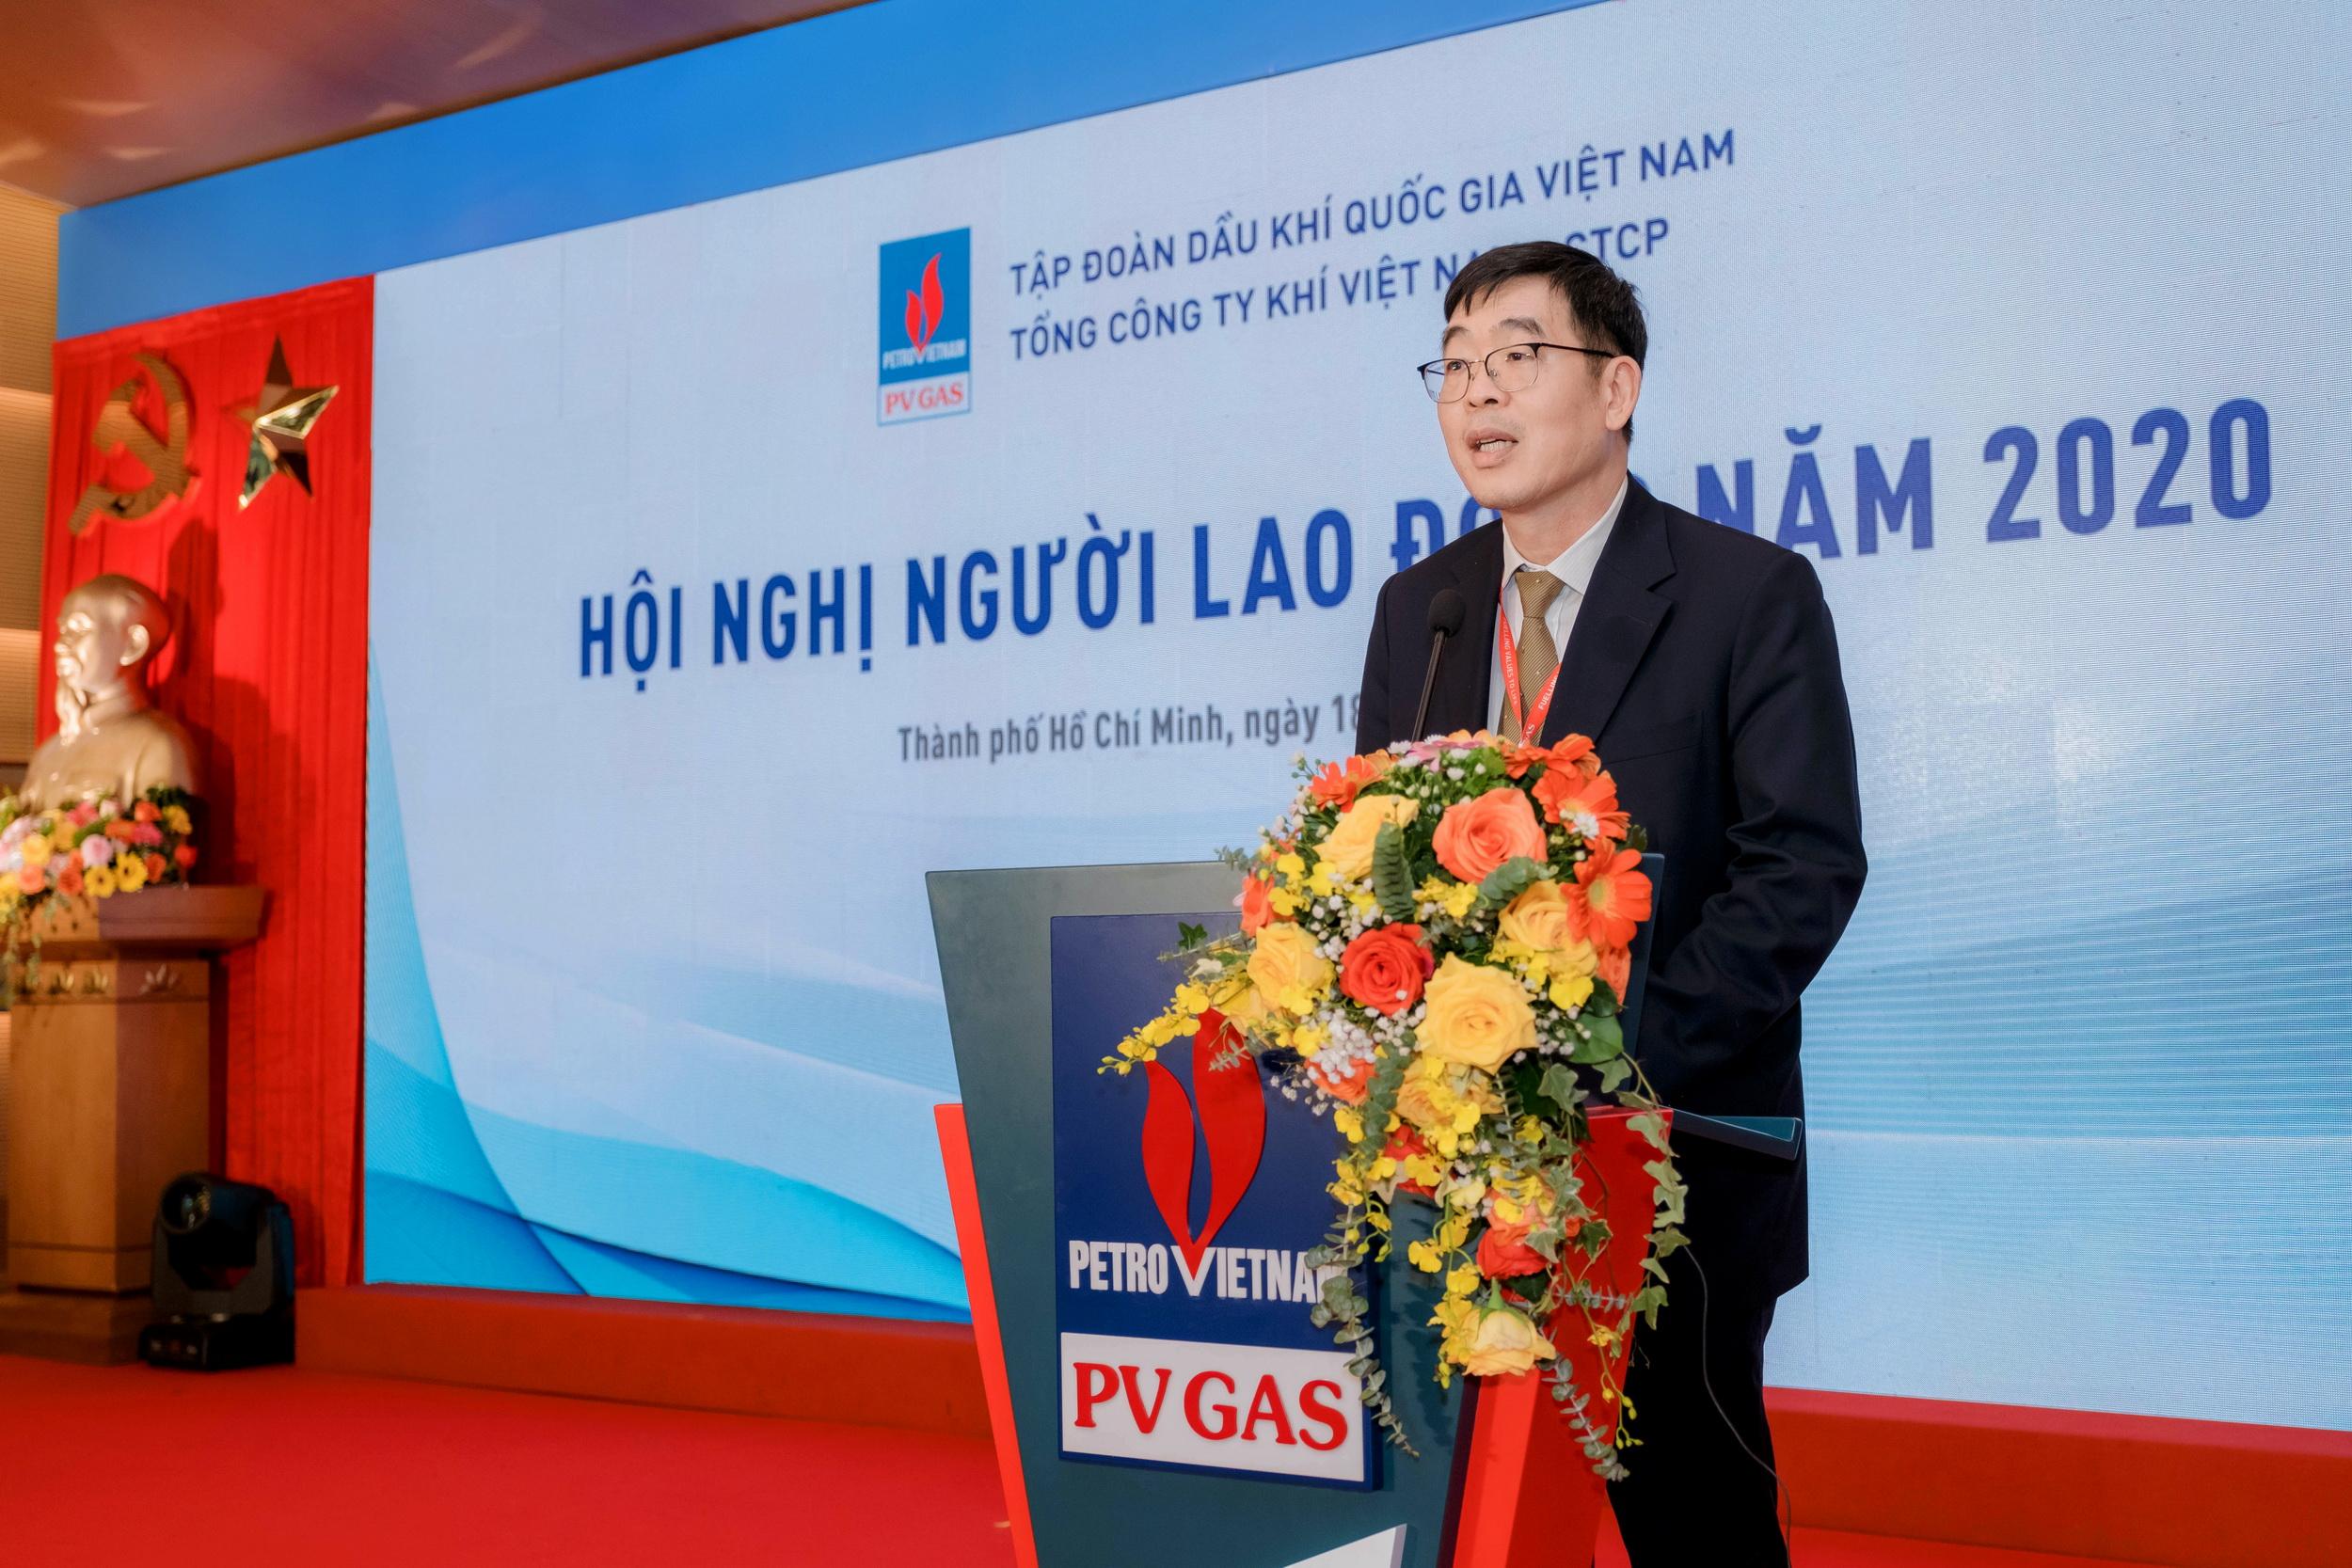 Chủ tịch Công đoàn PV GAS Nguyễn Văn Hùng phát động Thi đua 2021